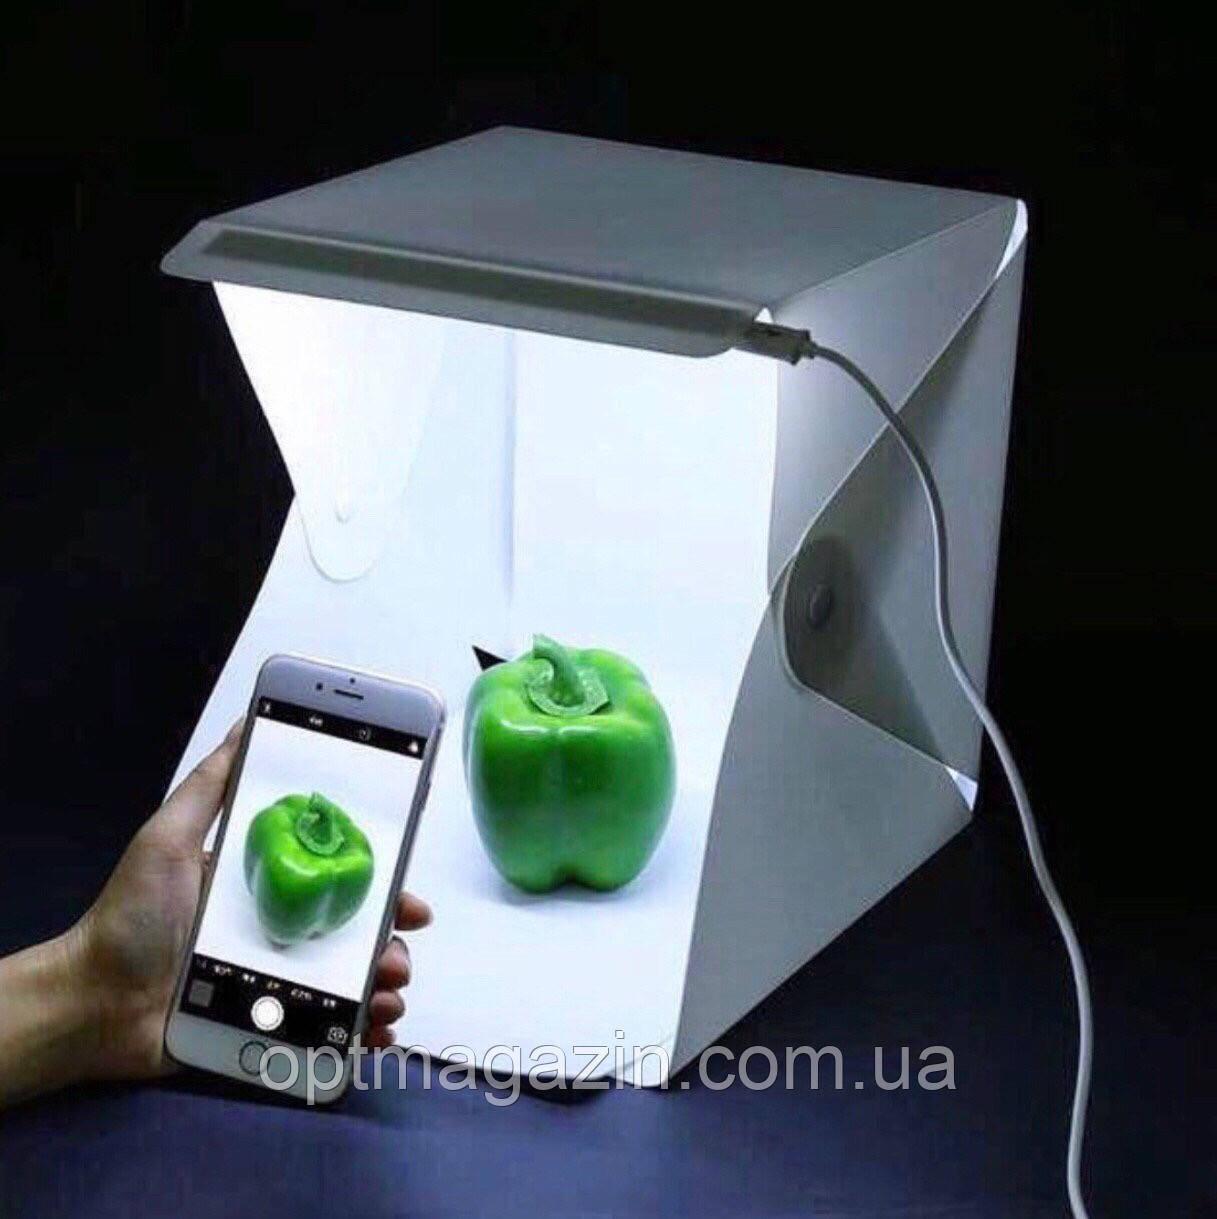 Фото бокс Photo Box з підсвічуванням\ Лайт бокс для предметної зйомки 0,40 cm/0,40 cm